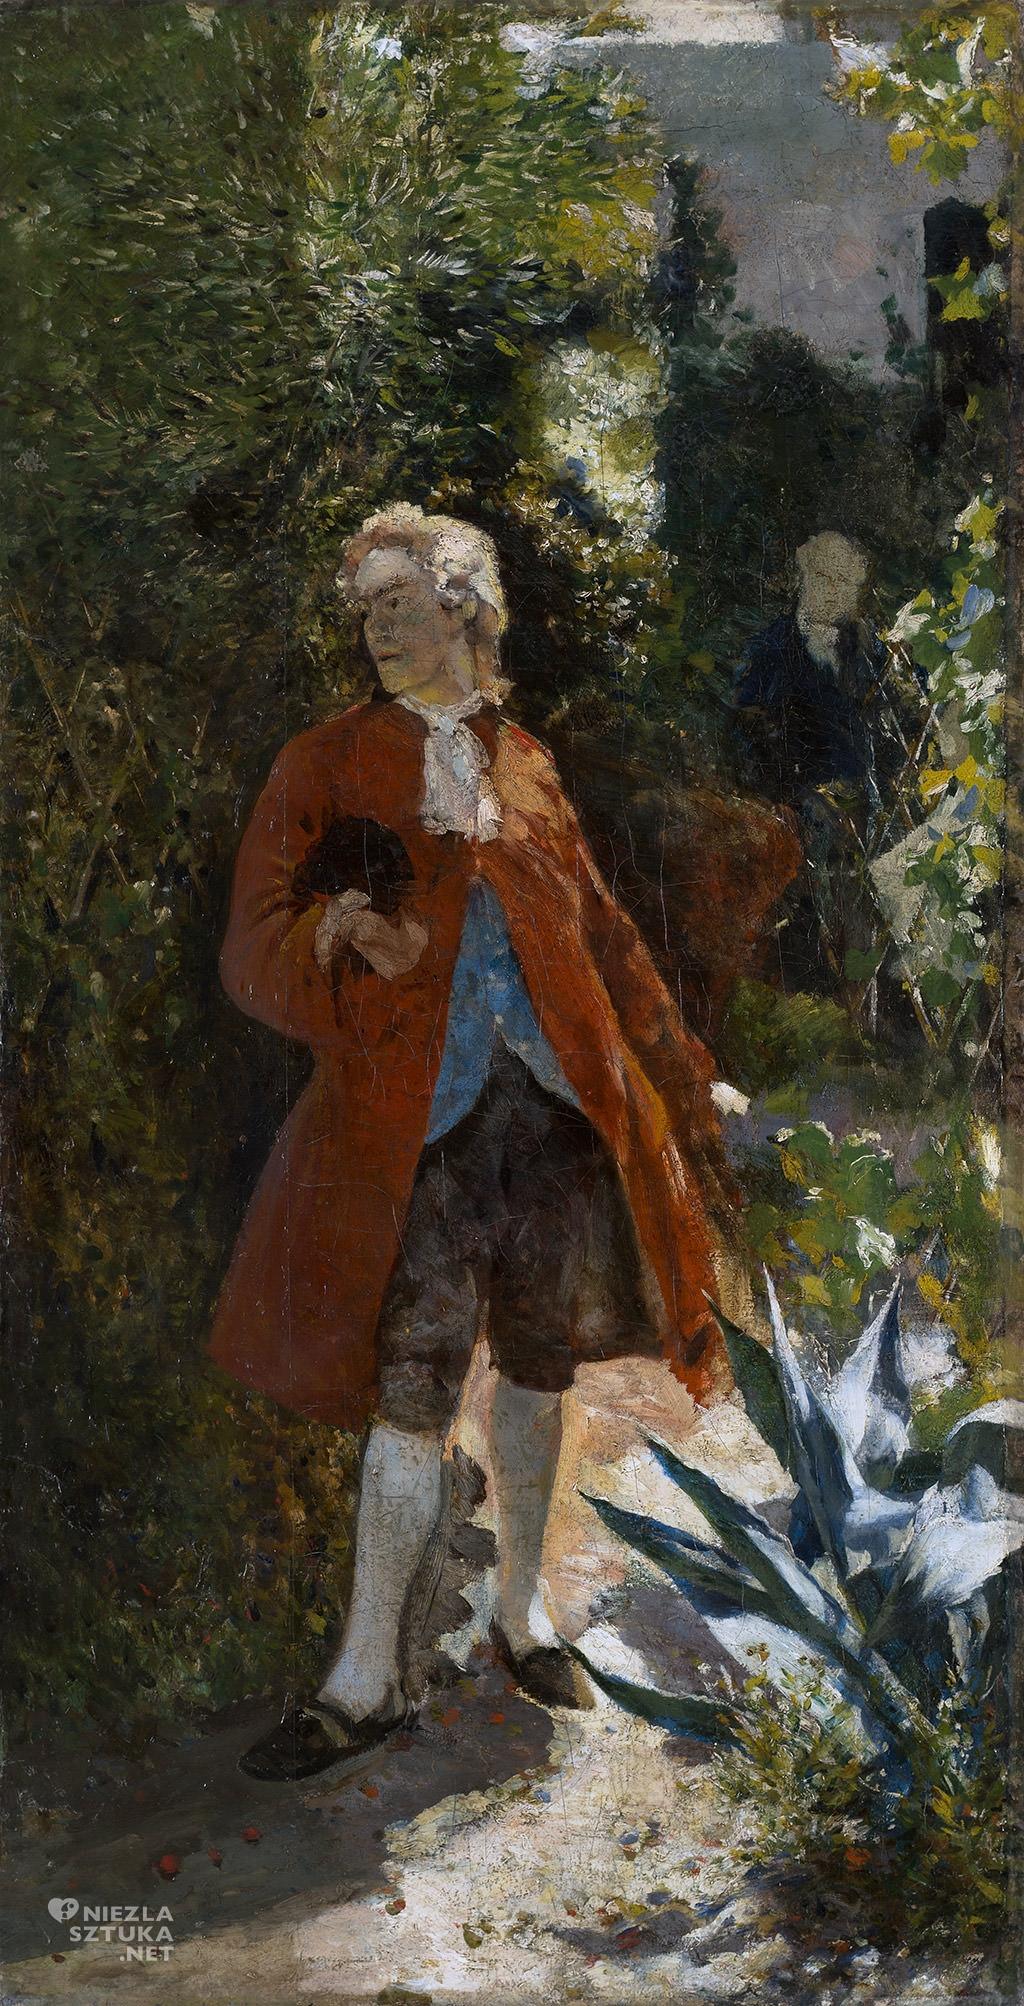 Aleksander Gierymski, Pan w czerwonym fraku, Altana, Muzeum Pałac Herbst, szkic, Niezła sztuka